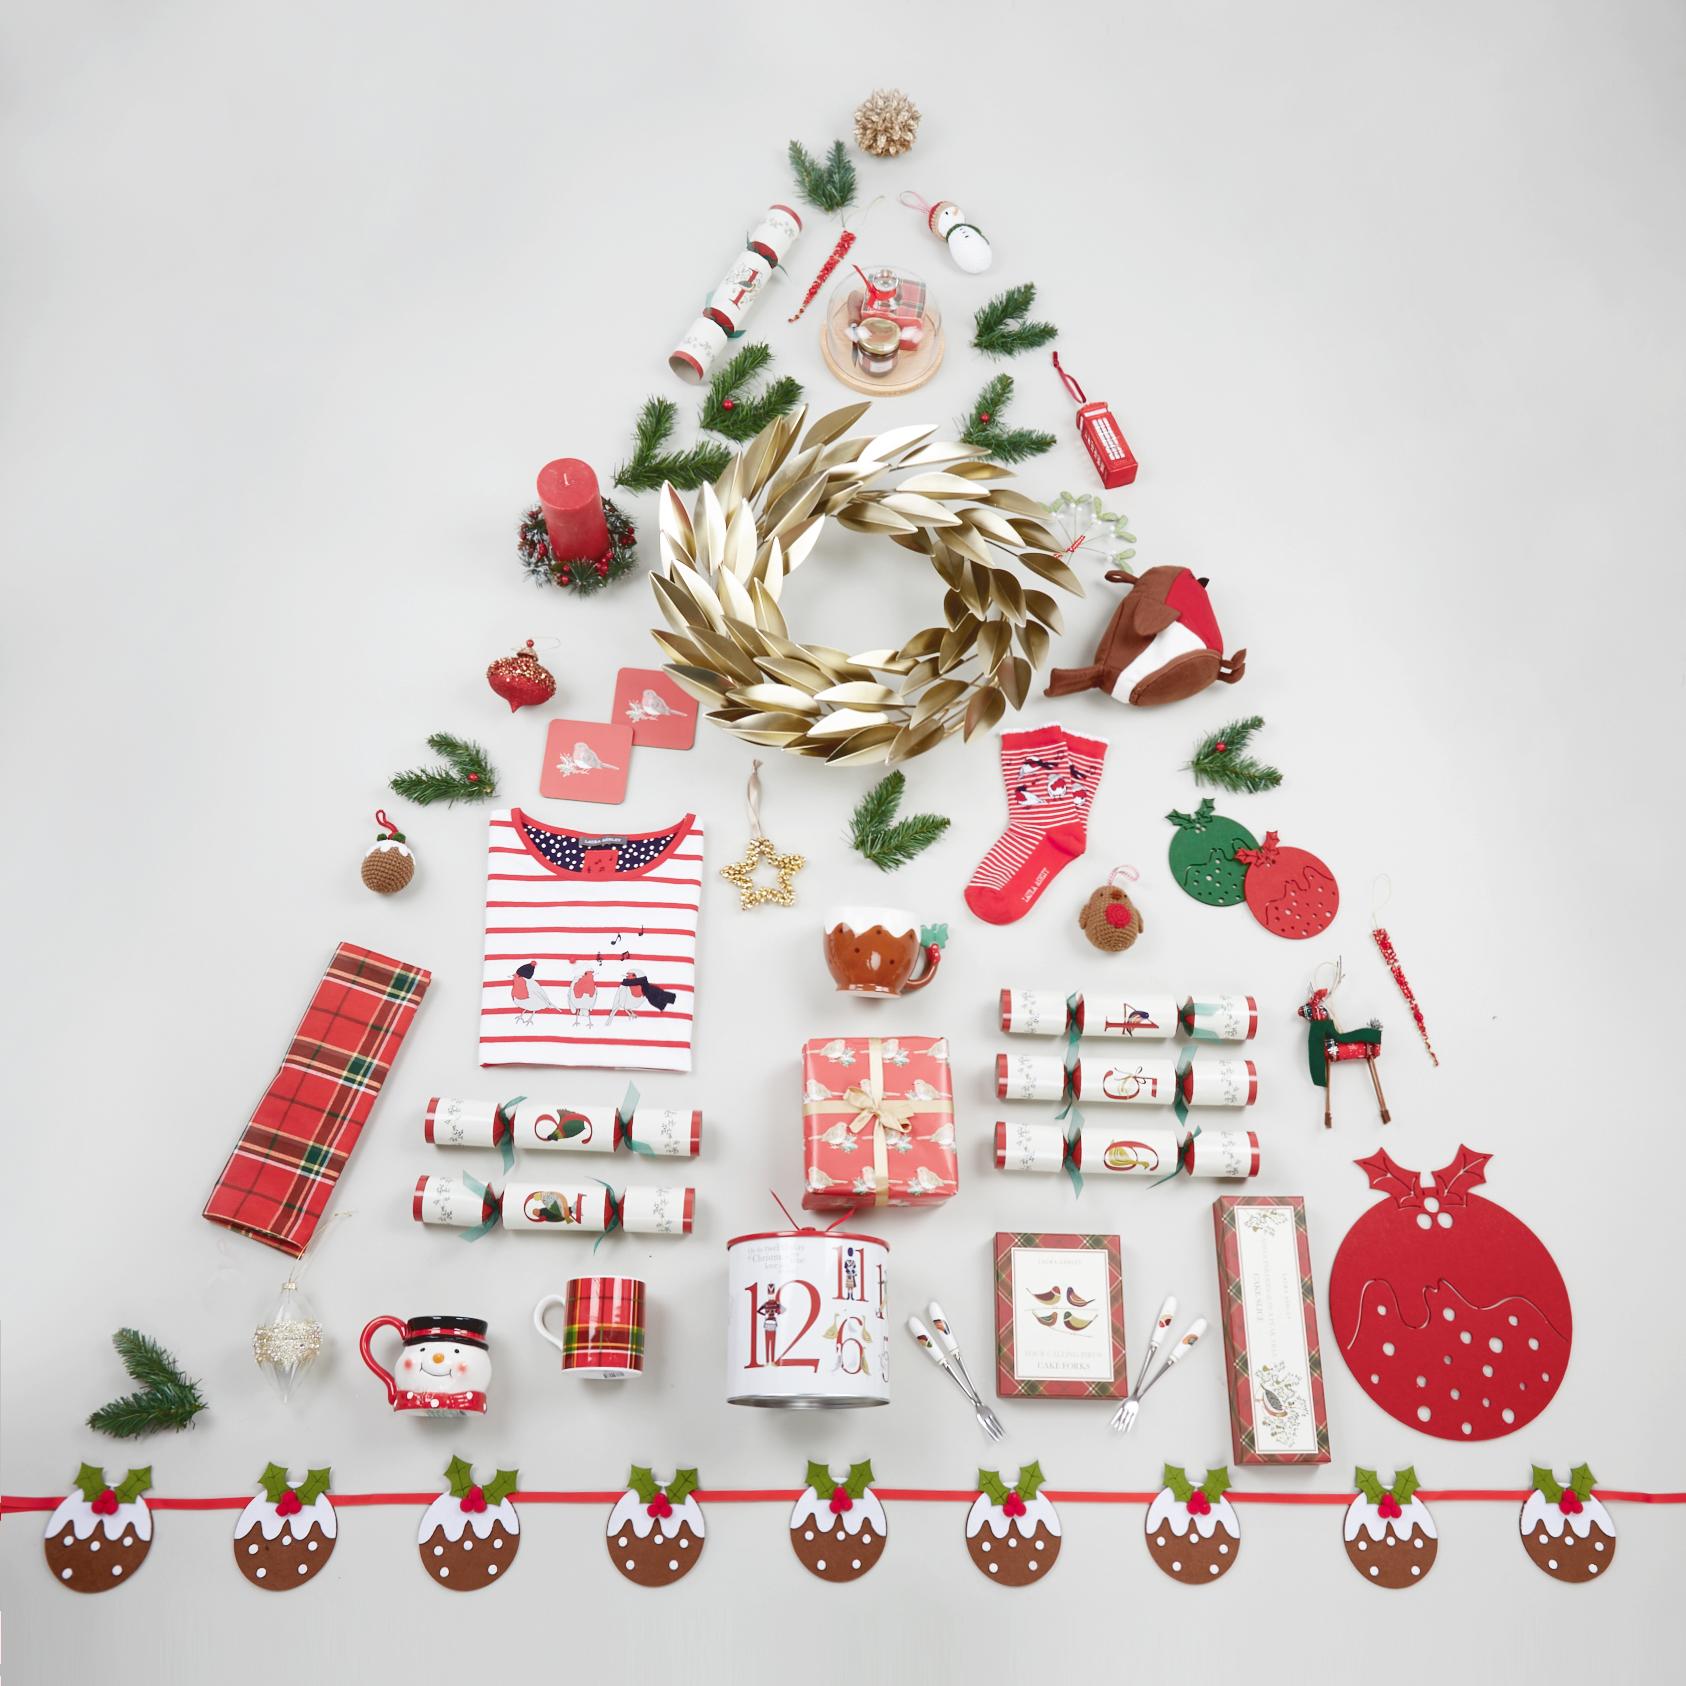 Christmas creative.alt2 (1)